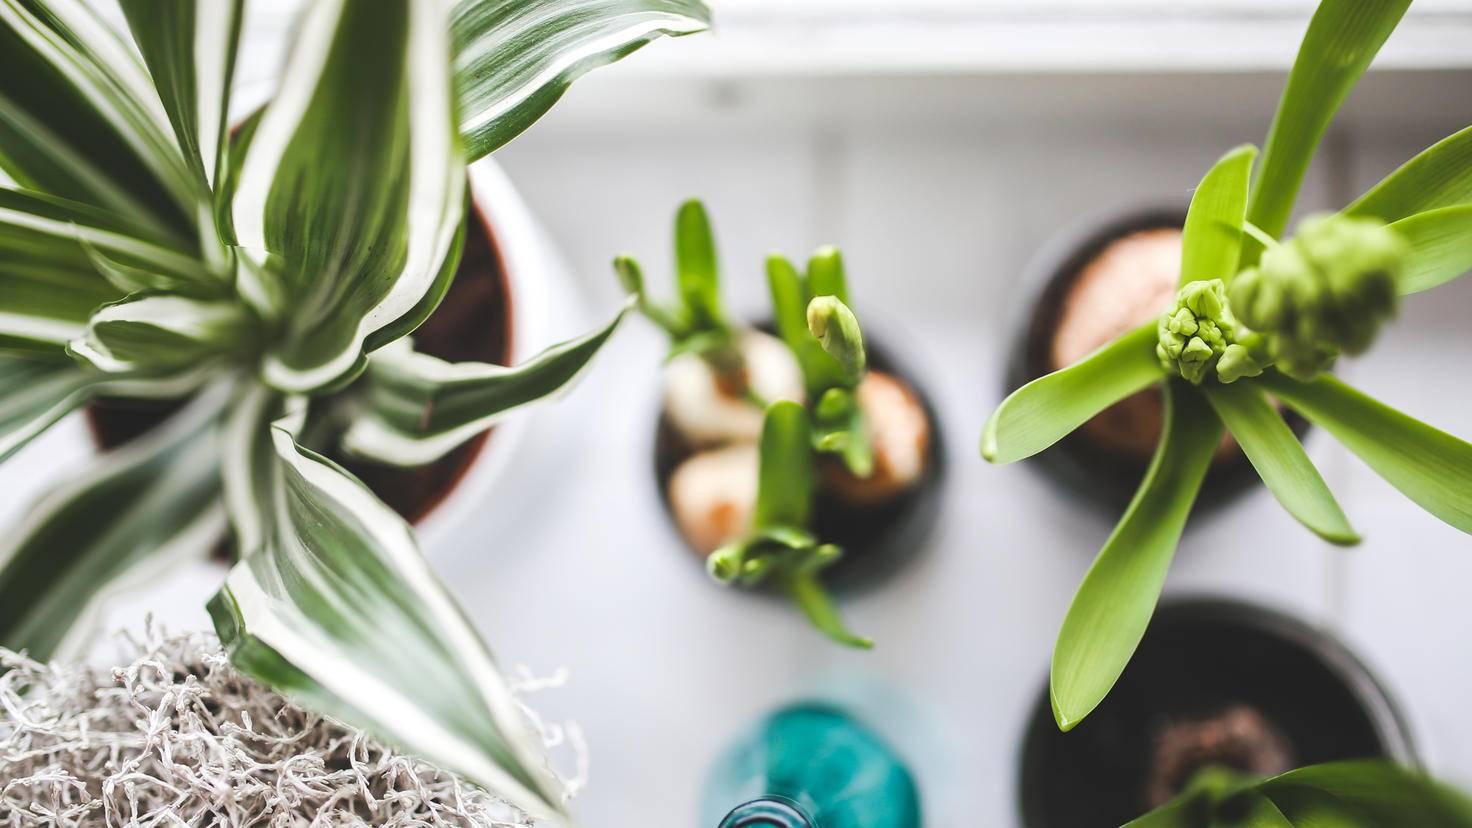 Zimmerpflanzen sorgen für ein angenehmes Raumklima.